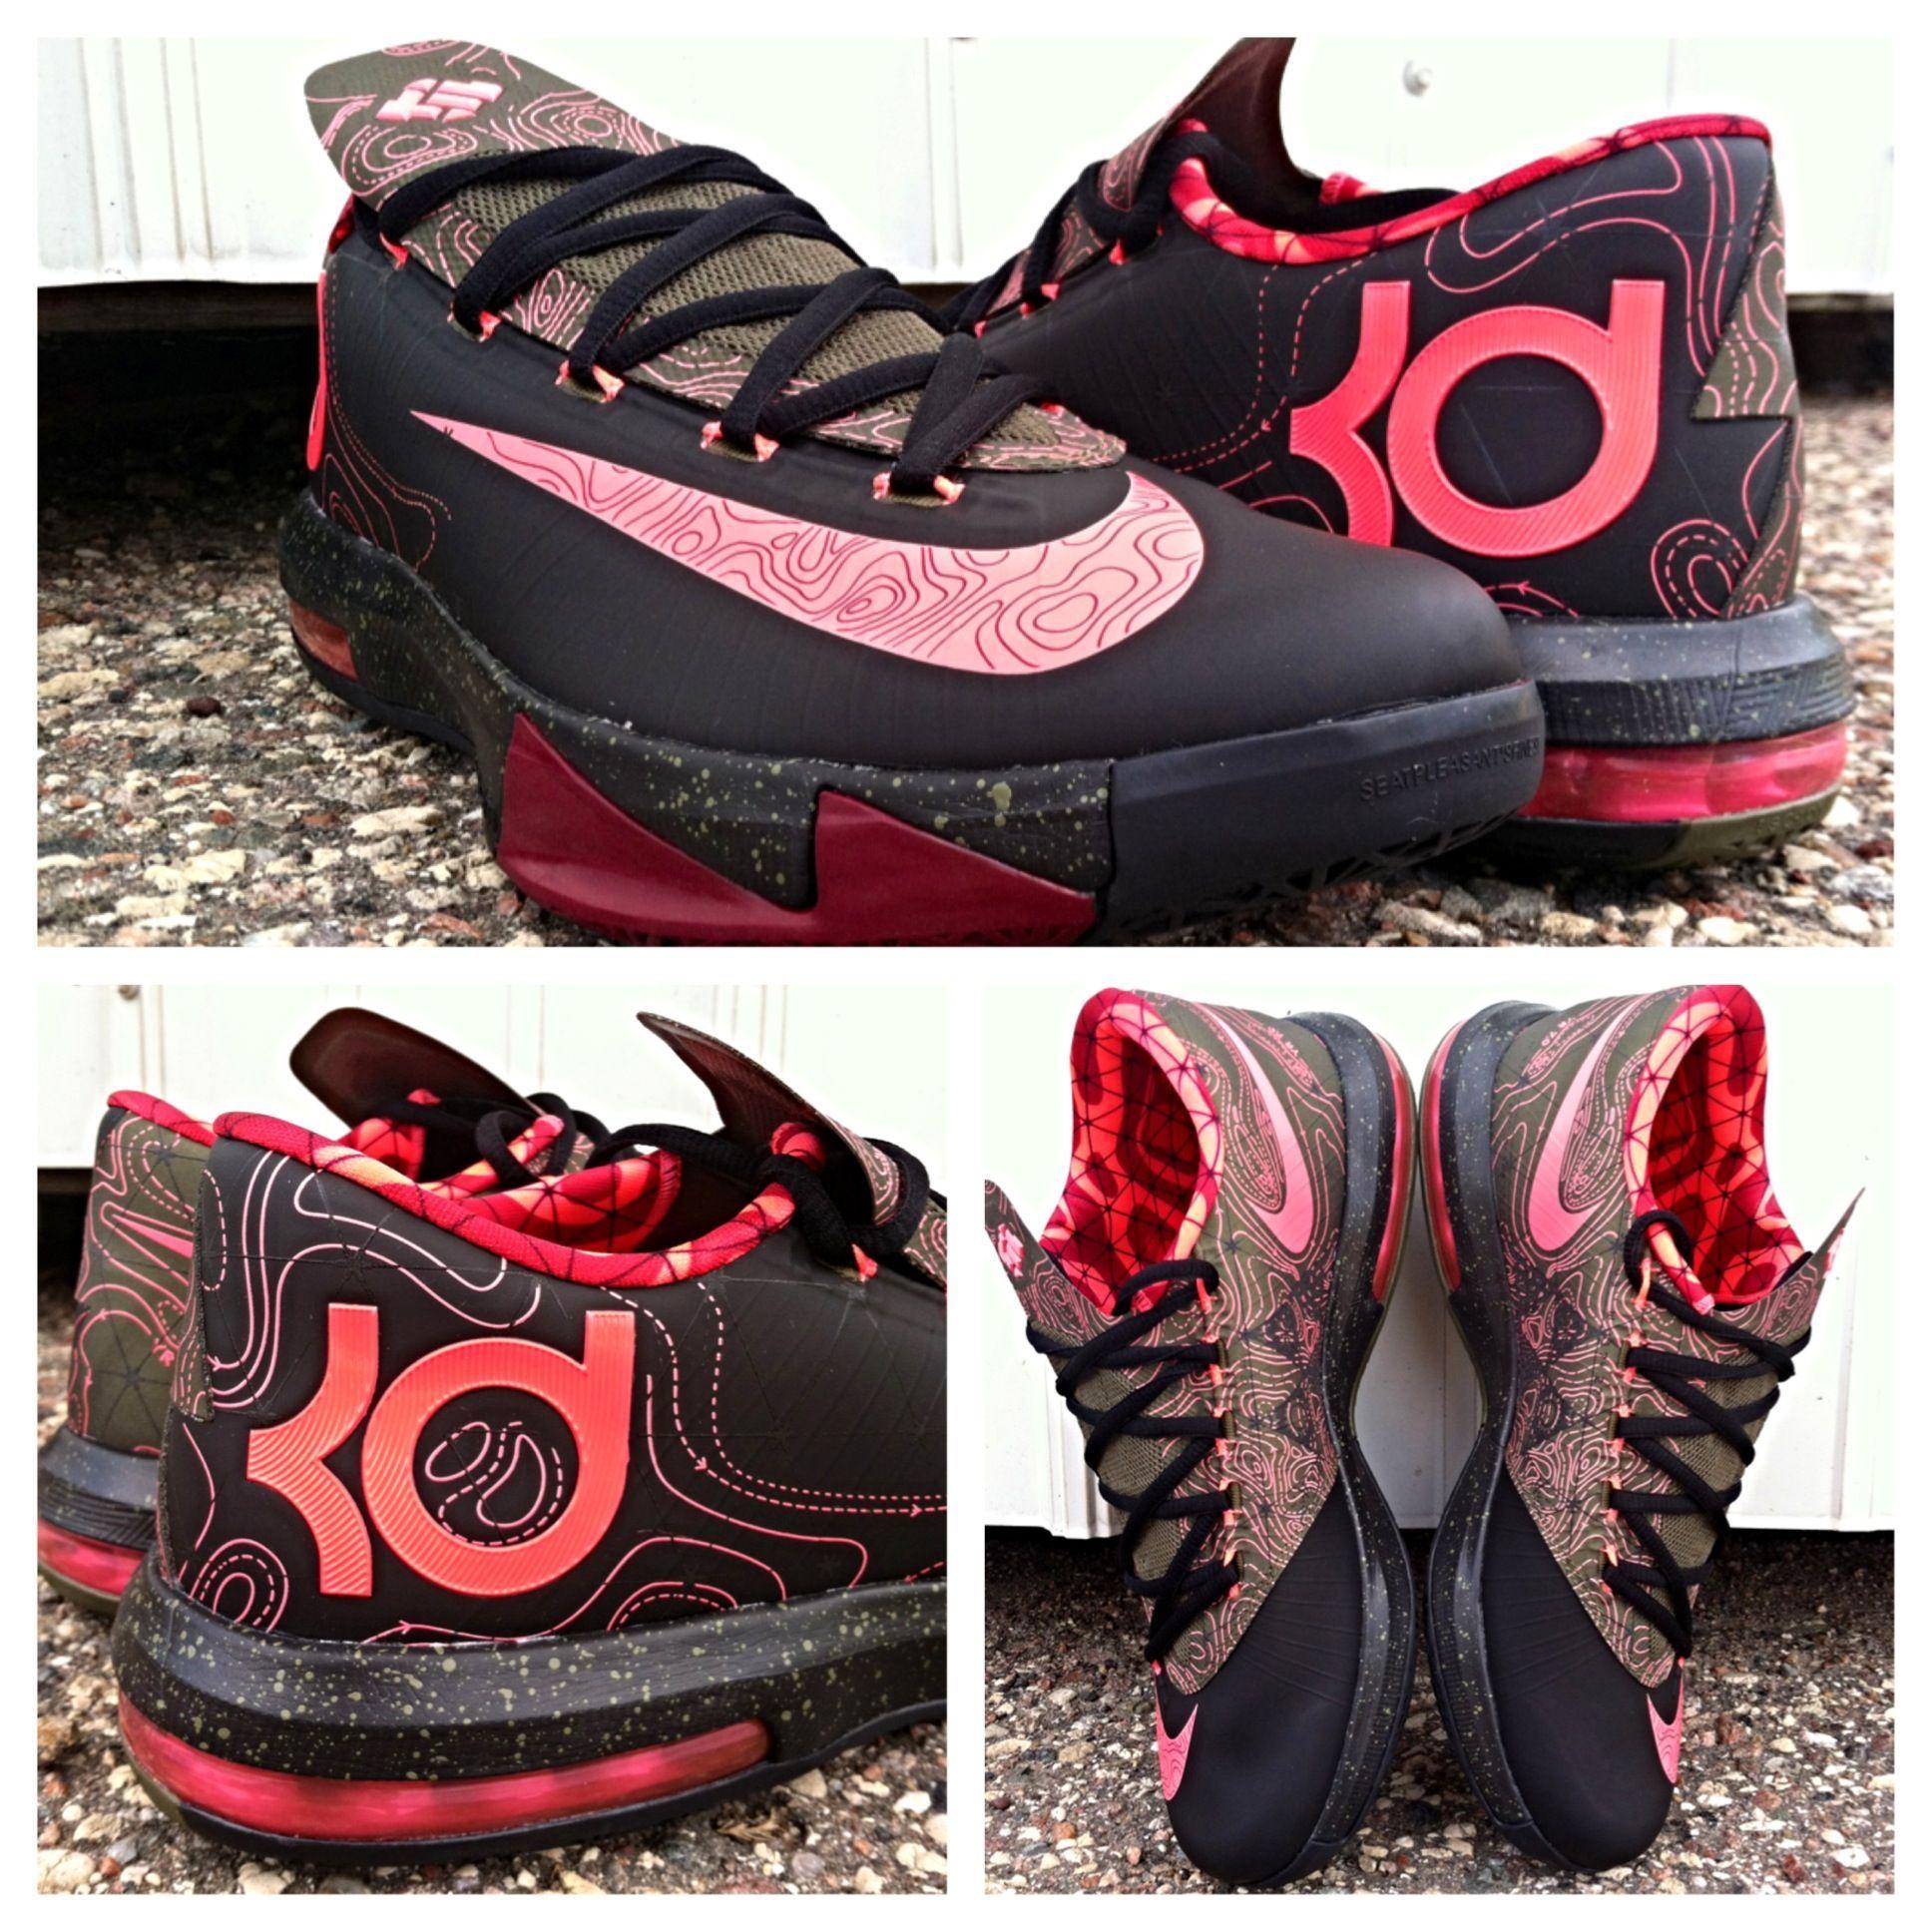 Nike KD VI Meteorology Eastbay Basketball Shoes